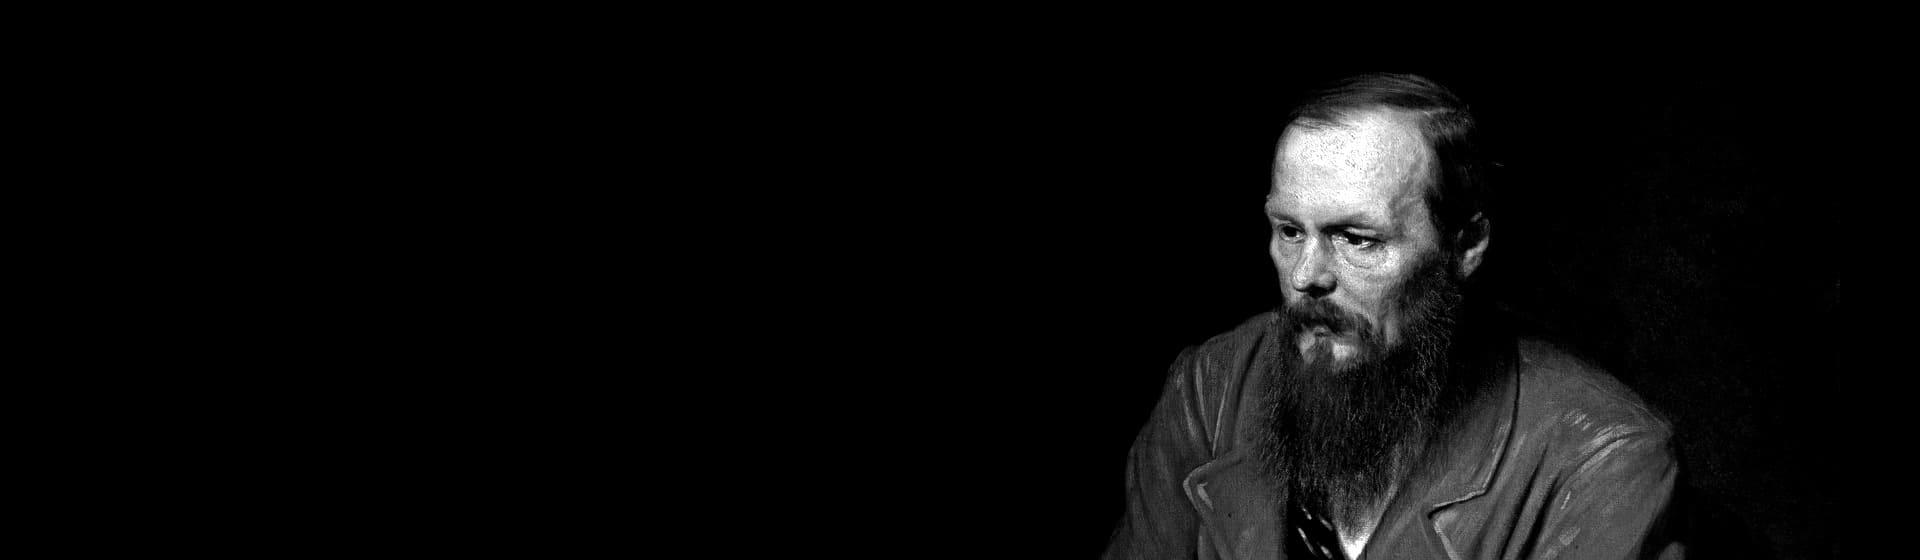 Фёдор Достоевский - Мерч и одежда с атрибутикой